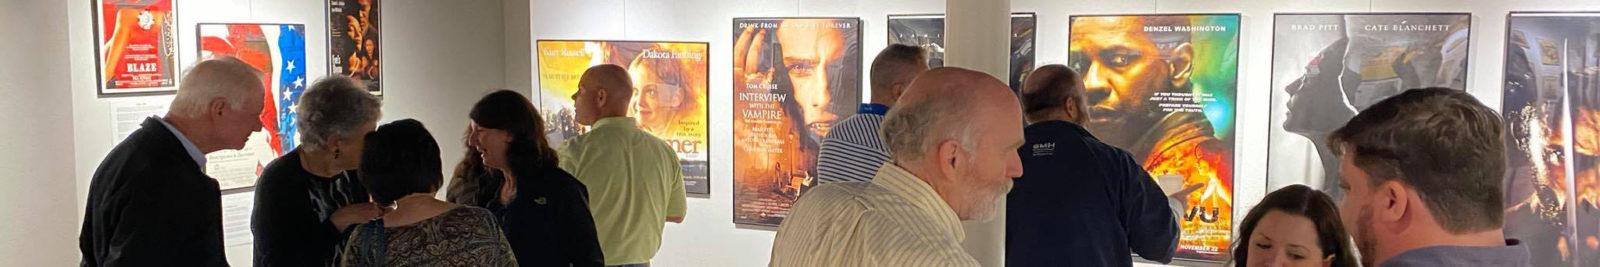 Backdrop Louisiana! movie poster exhibit in Slidell, Louisiana